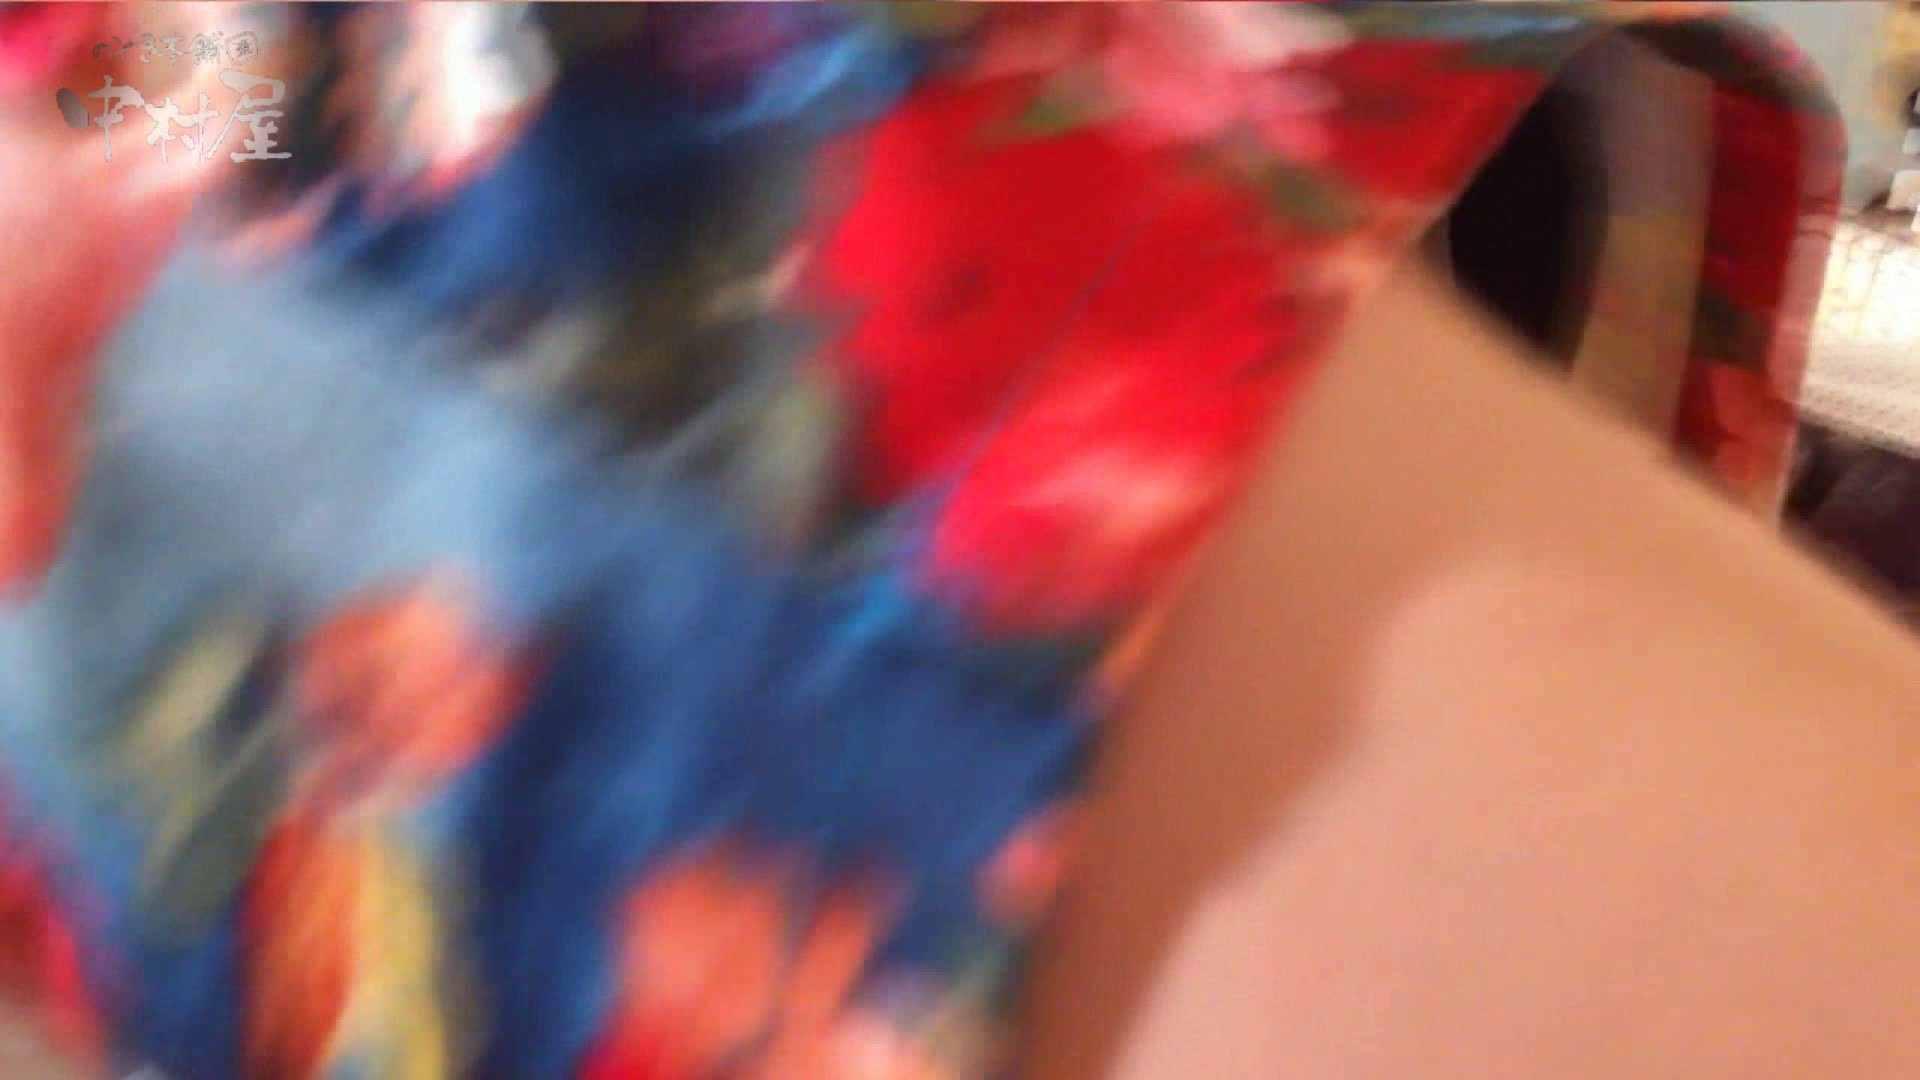 vol.74 美人アパレル胸チラ&パンチラ ブカブカセーターあざっす! チラ  82画像 55